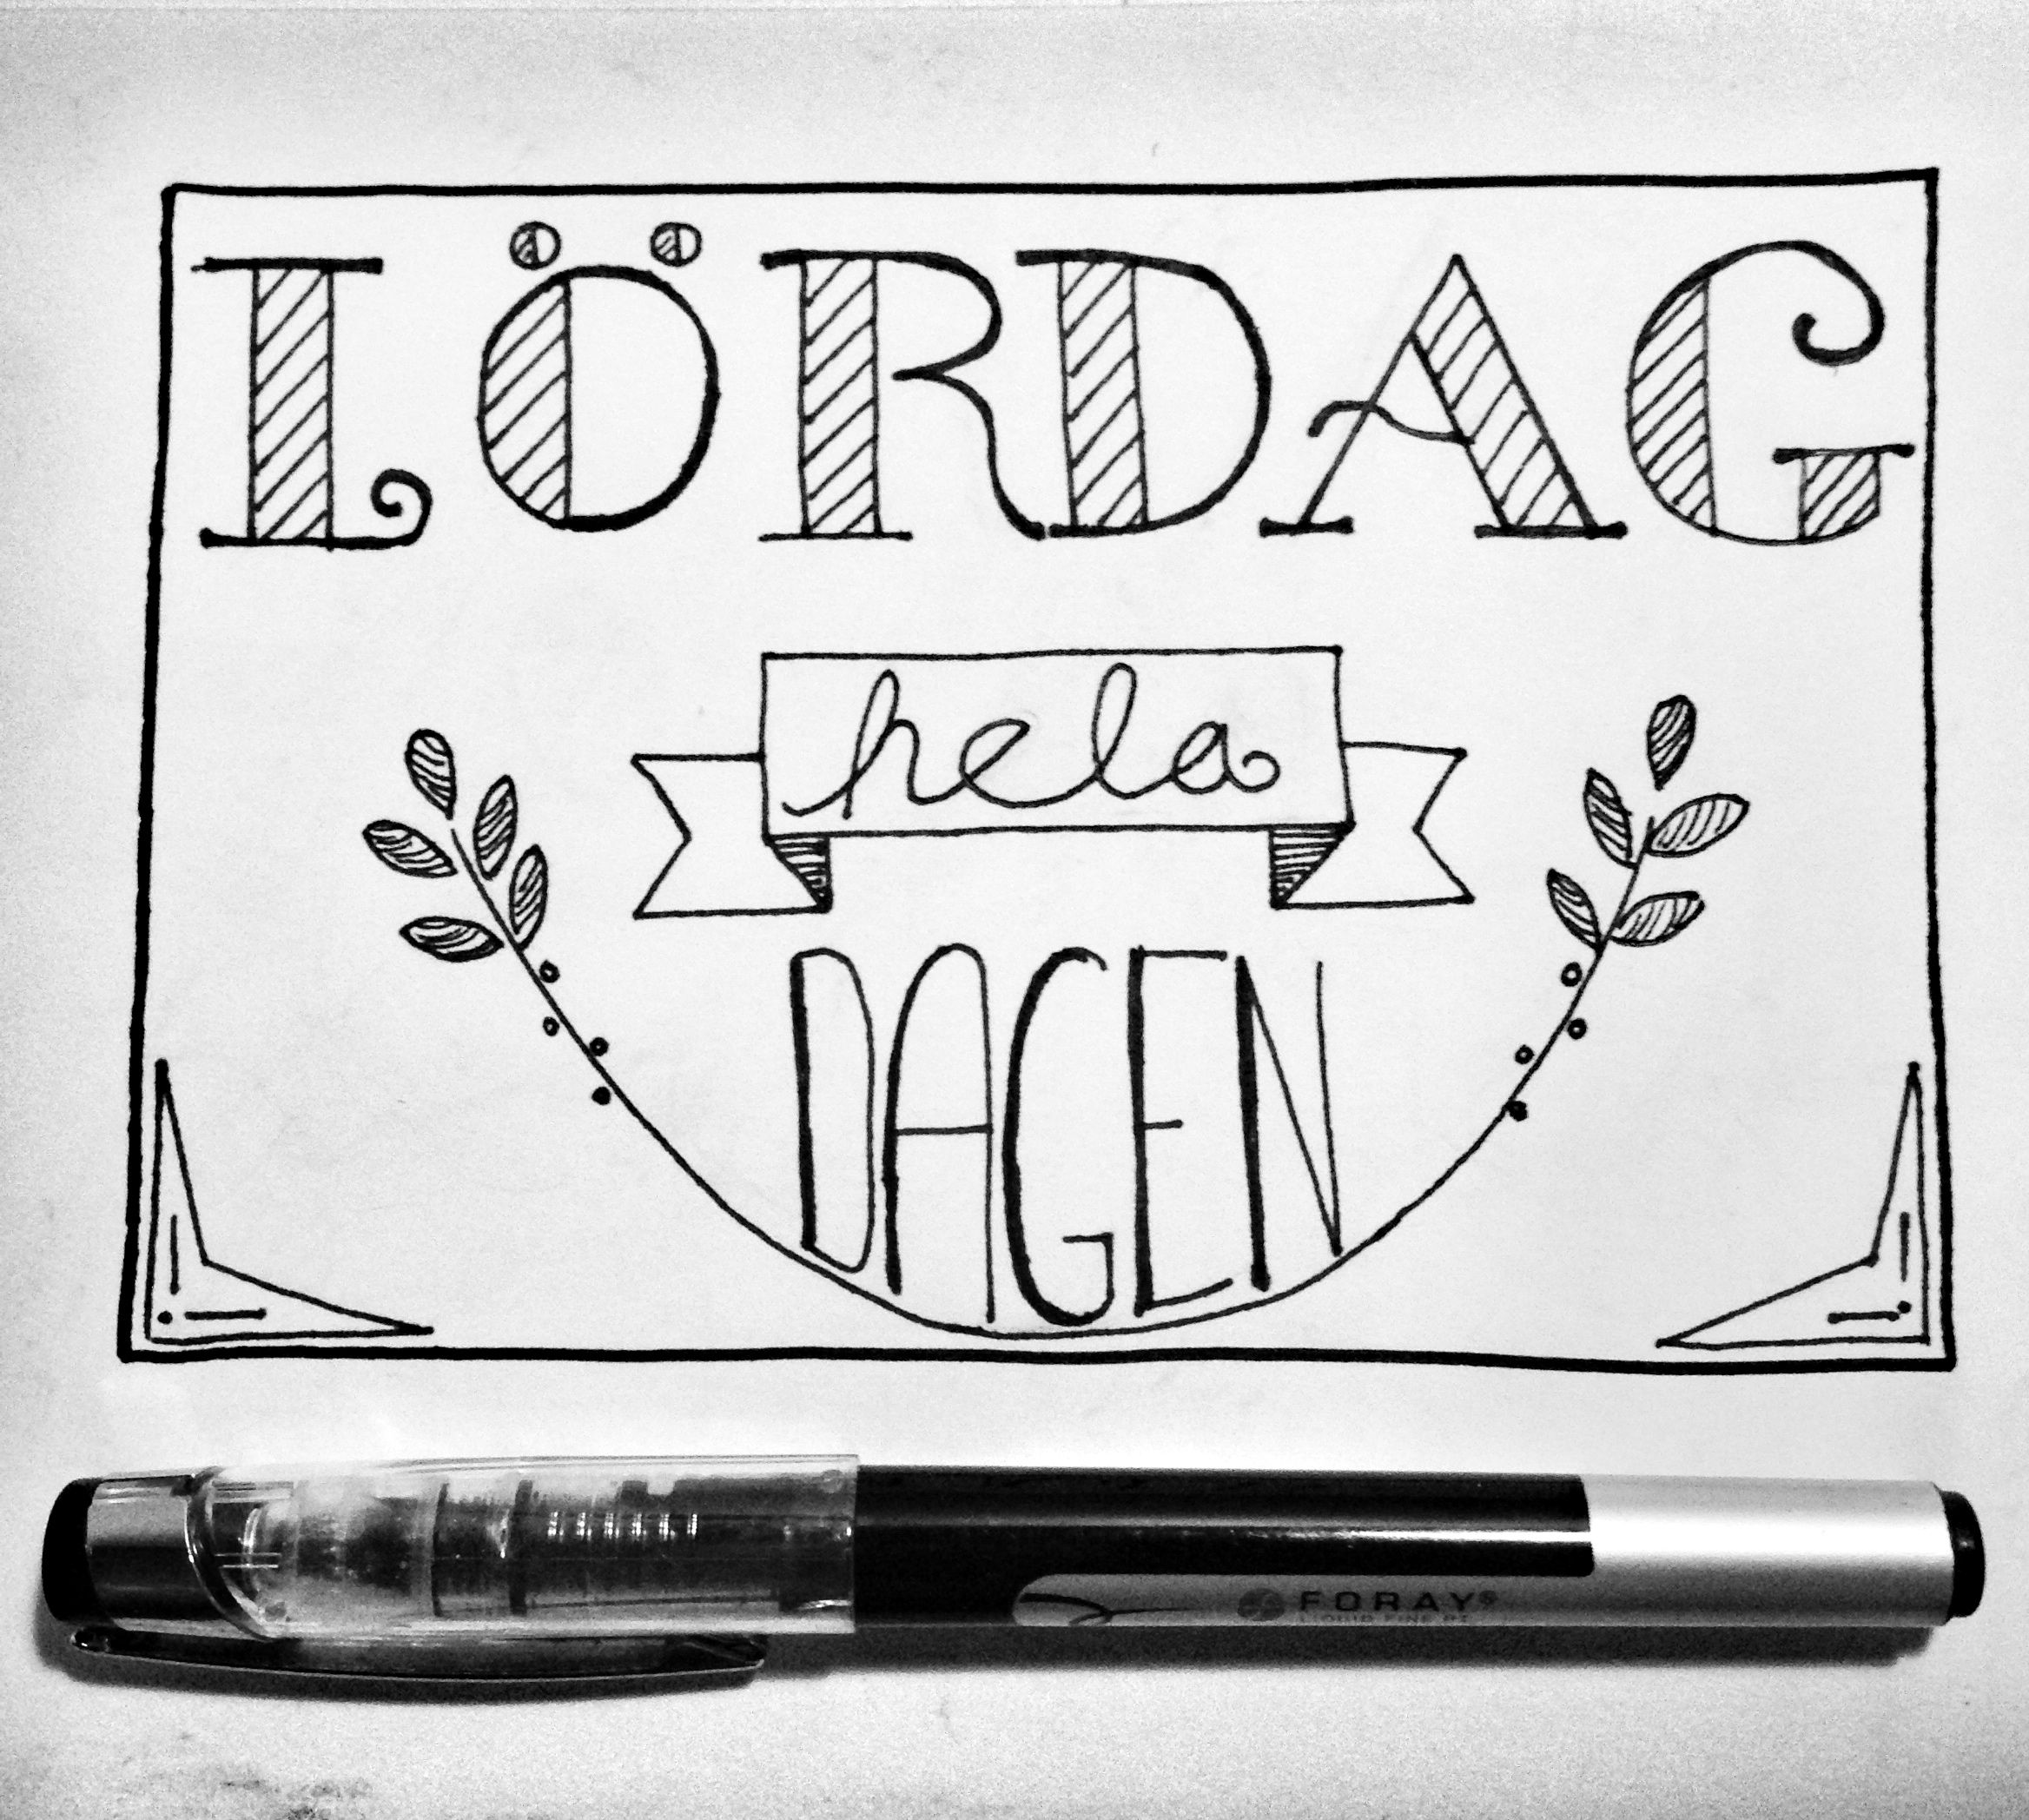 """#nåtkreativtomdagen Lär mig skriva snyggt... """"Lördag hela dagen"""""""